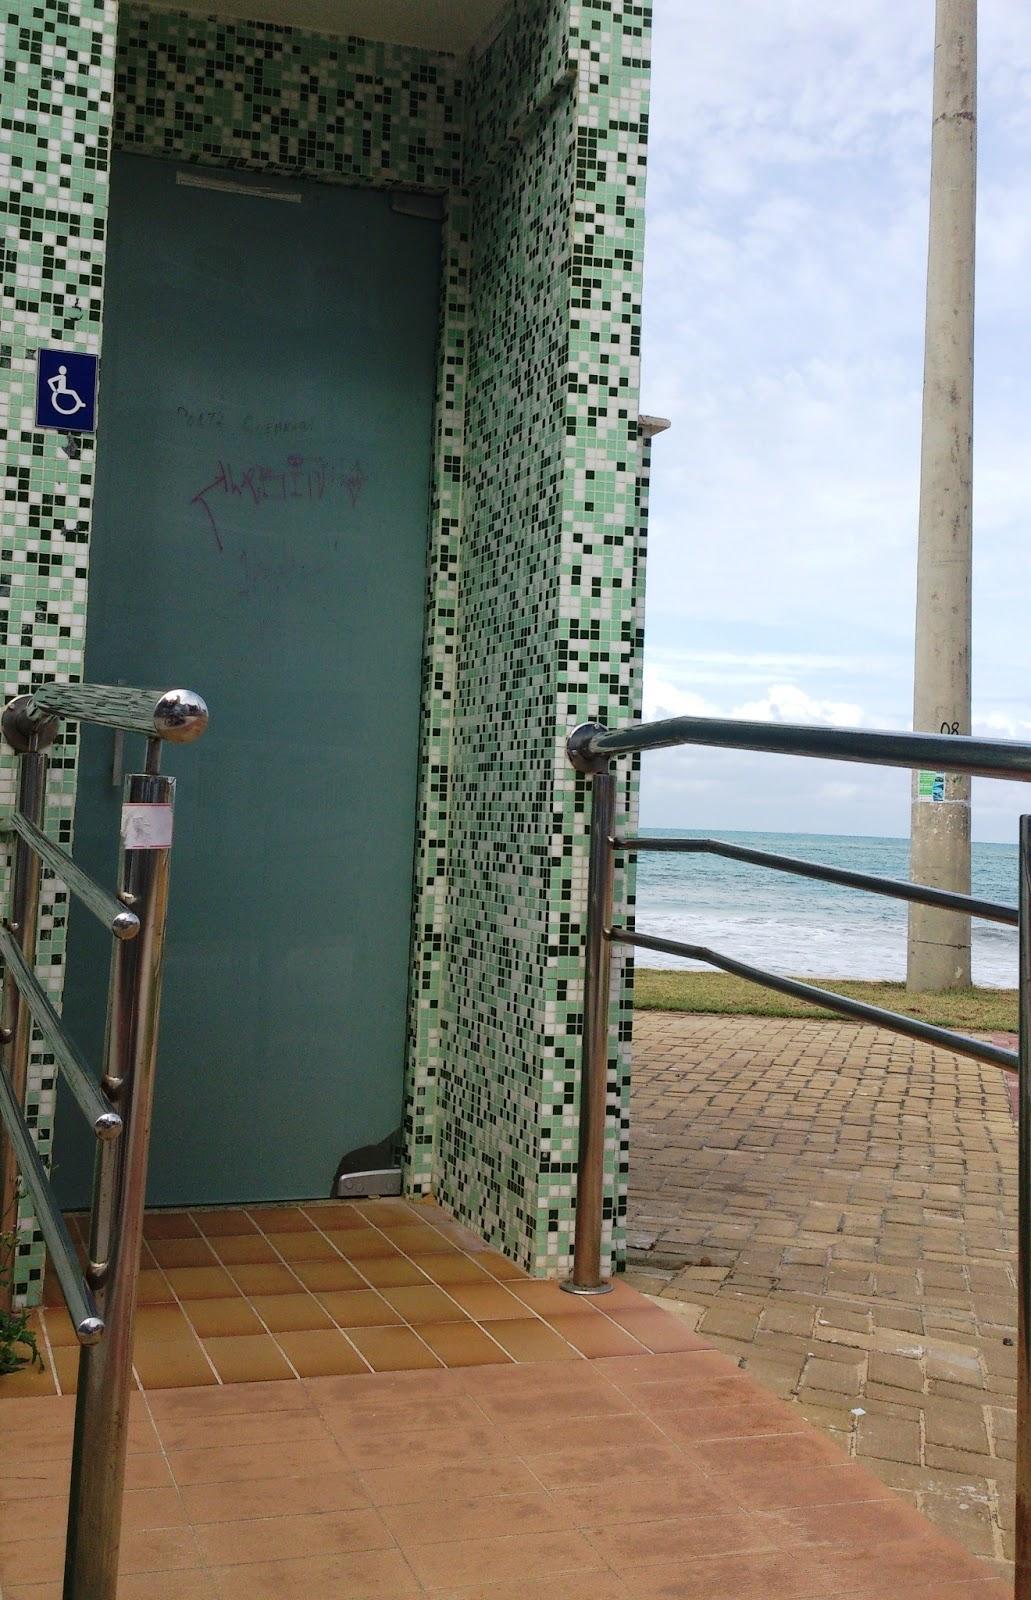 Banheiro adaptado na praia do Morro #336098 1031x1600 Banheiro Adaptado Cadeirante